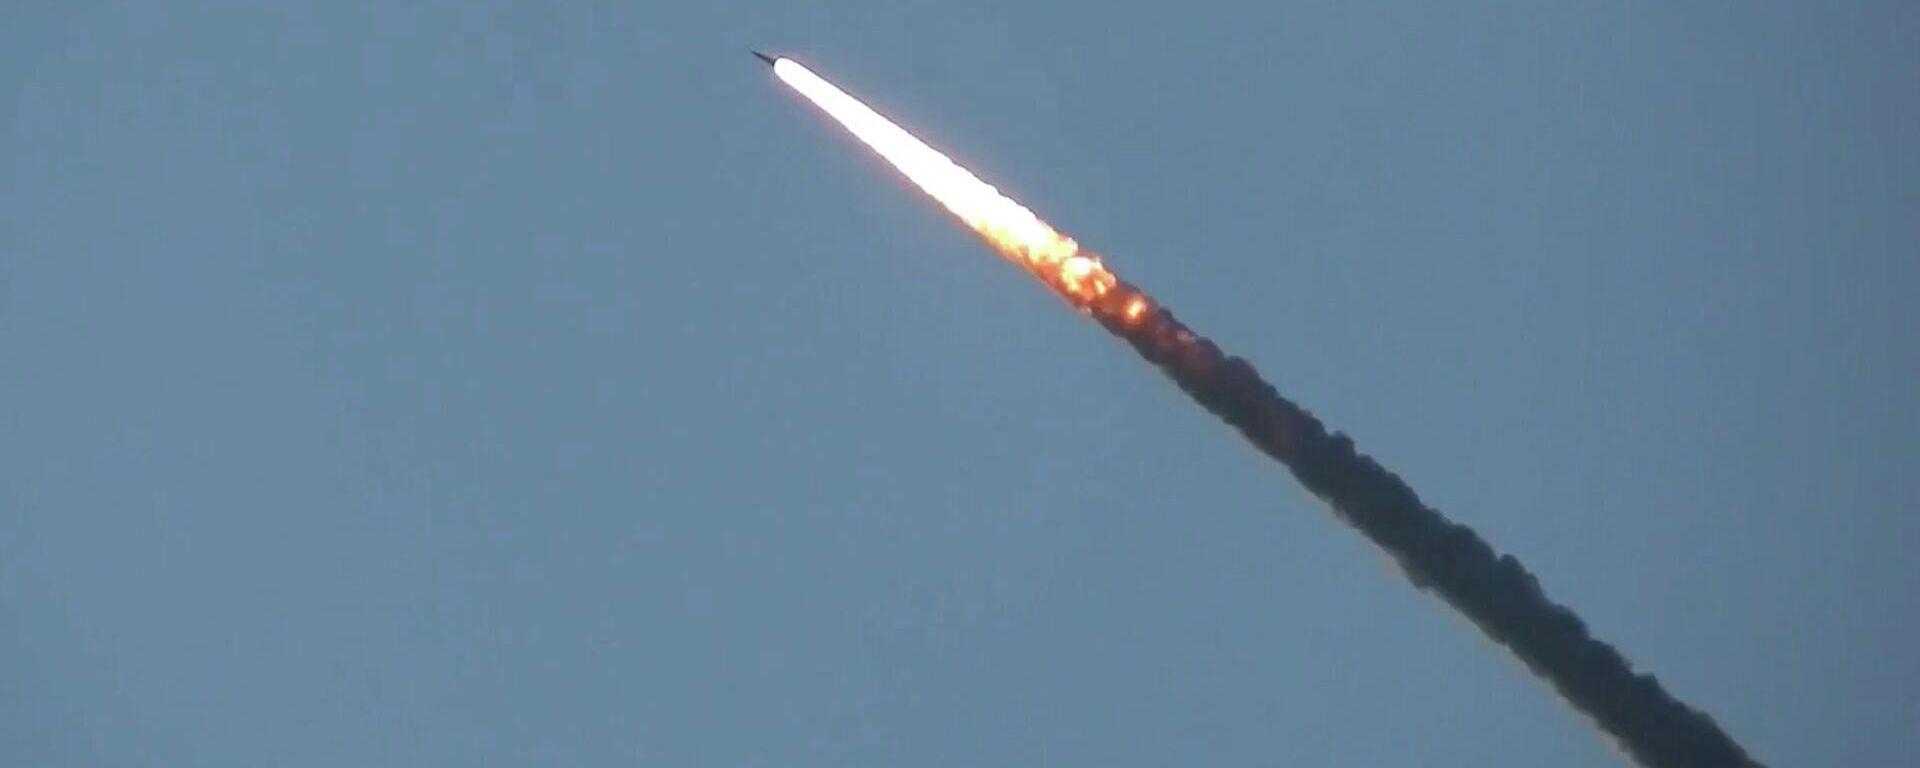 В России испытали новую противоракету системы ПРО - видео - Sputnik Грузия, 1920, 17.09.2021